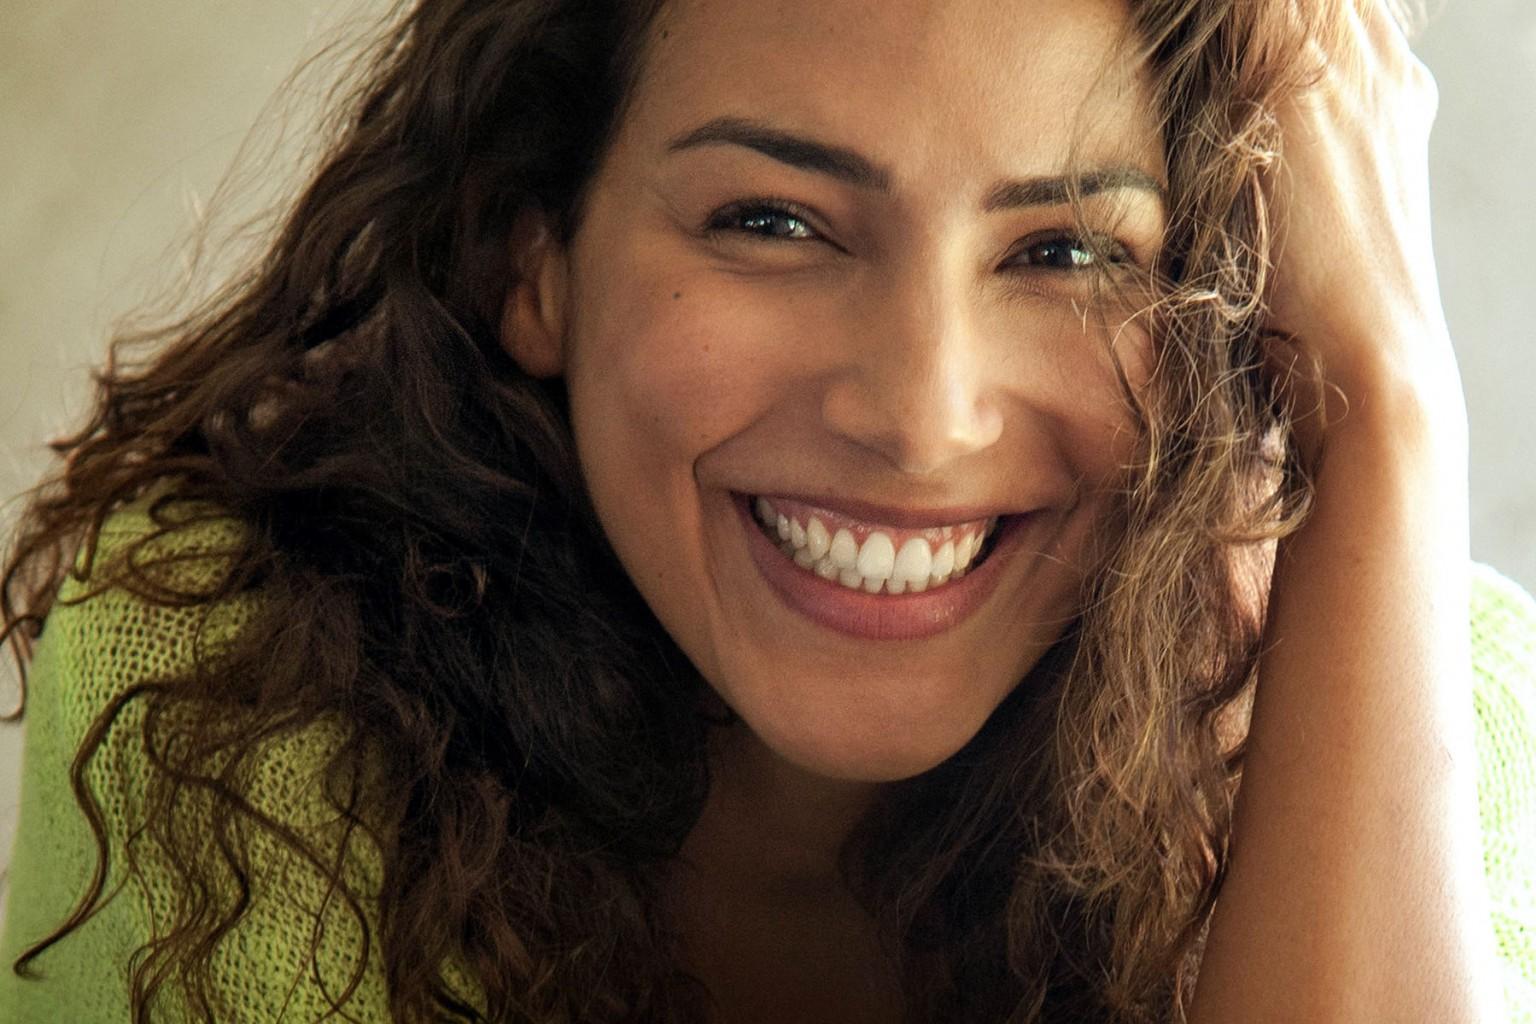 Amy Mußul - actress